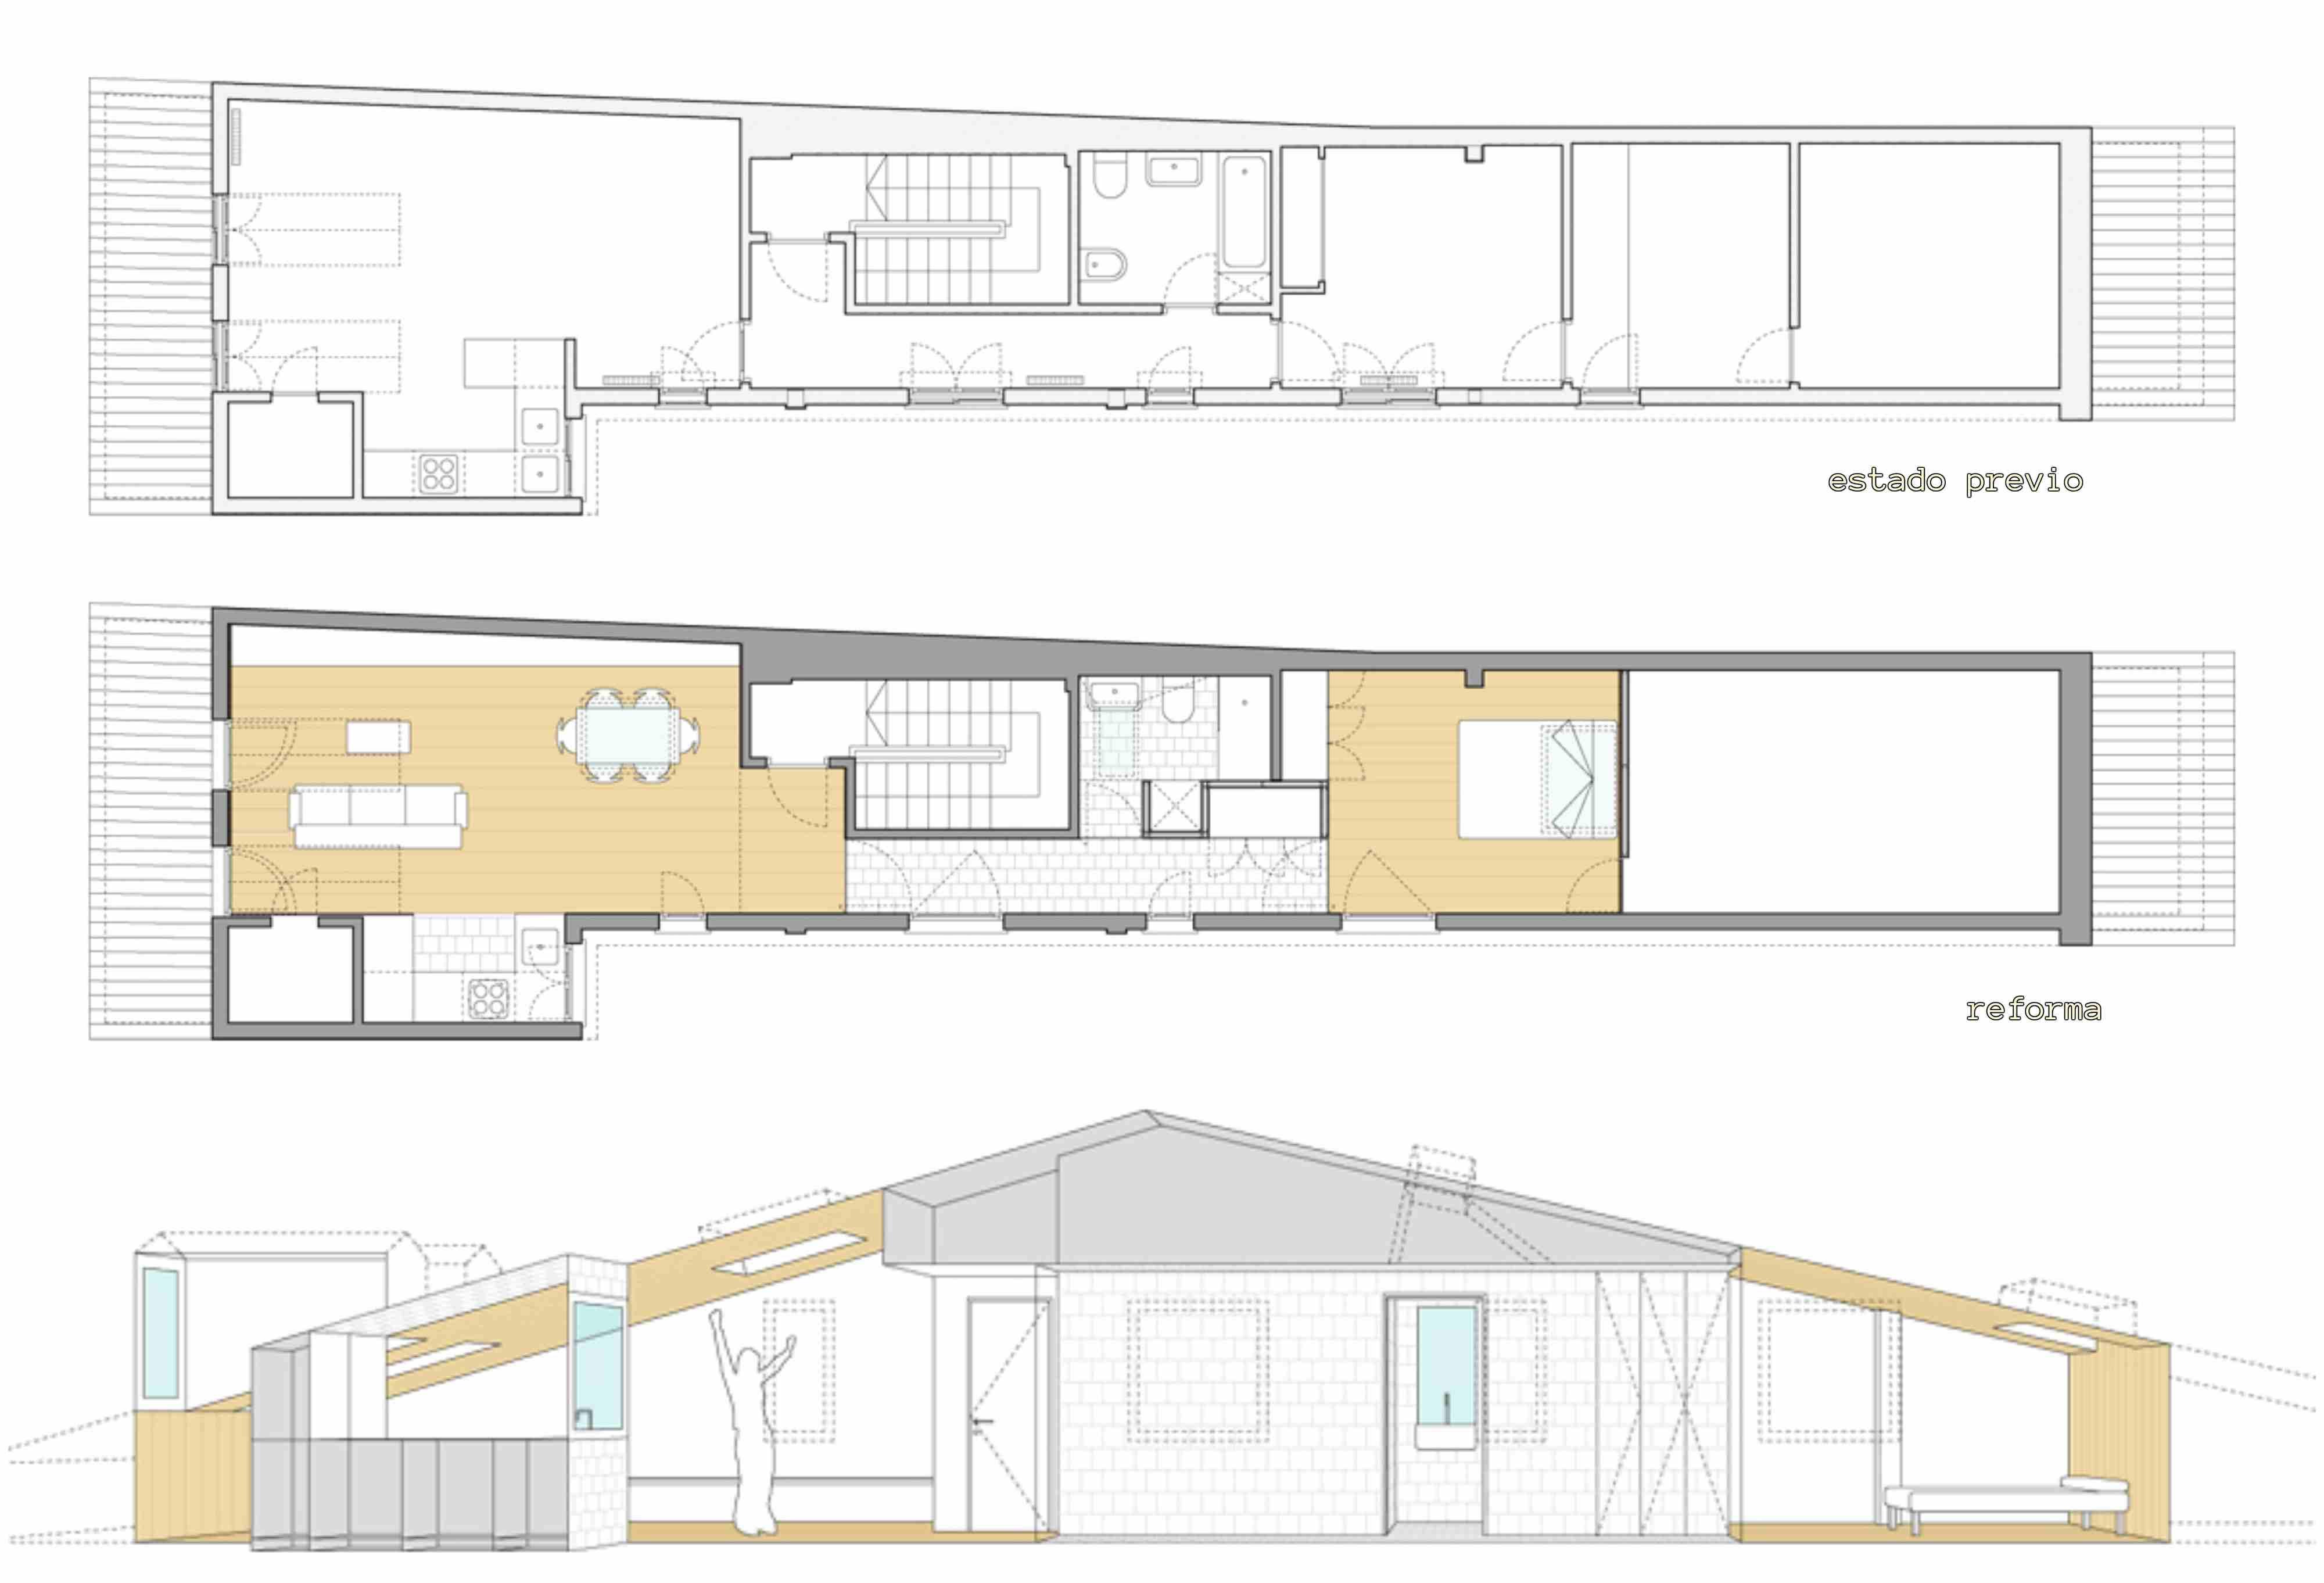 Rue arquitectos y la caja m gica casa 77 en pamplona - Arquitectos en pamplona ...